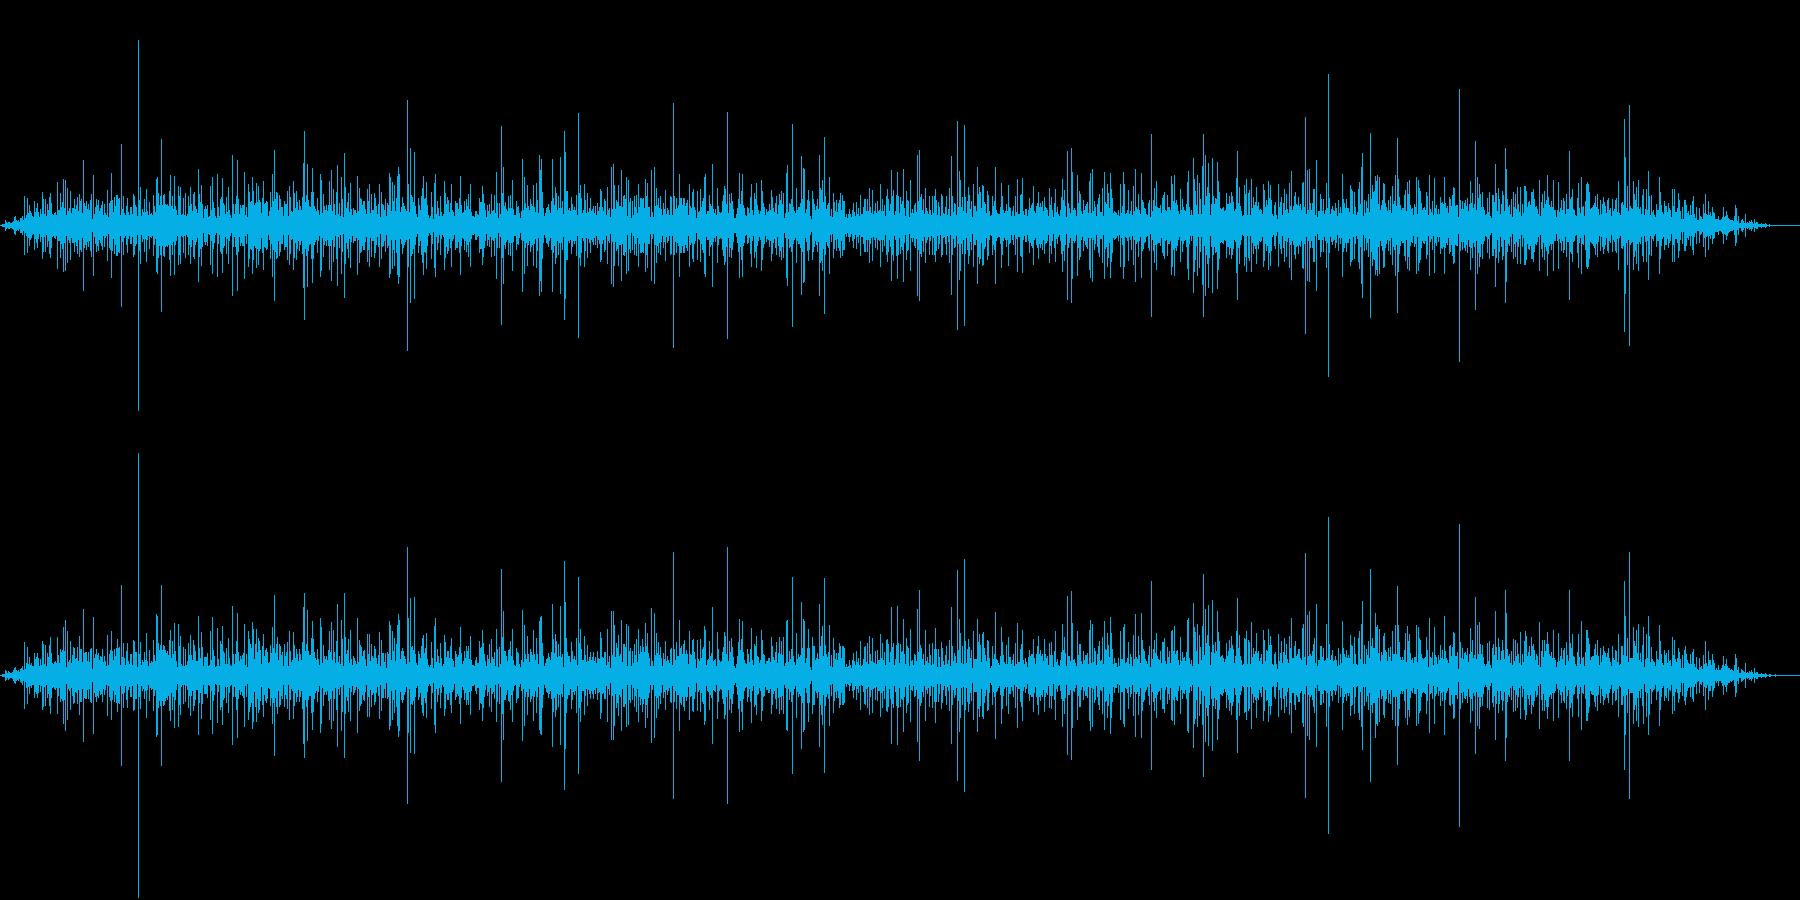 【生録音】側溝に水が流れる音 1の再生済みの波形